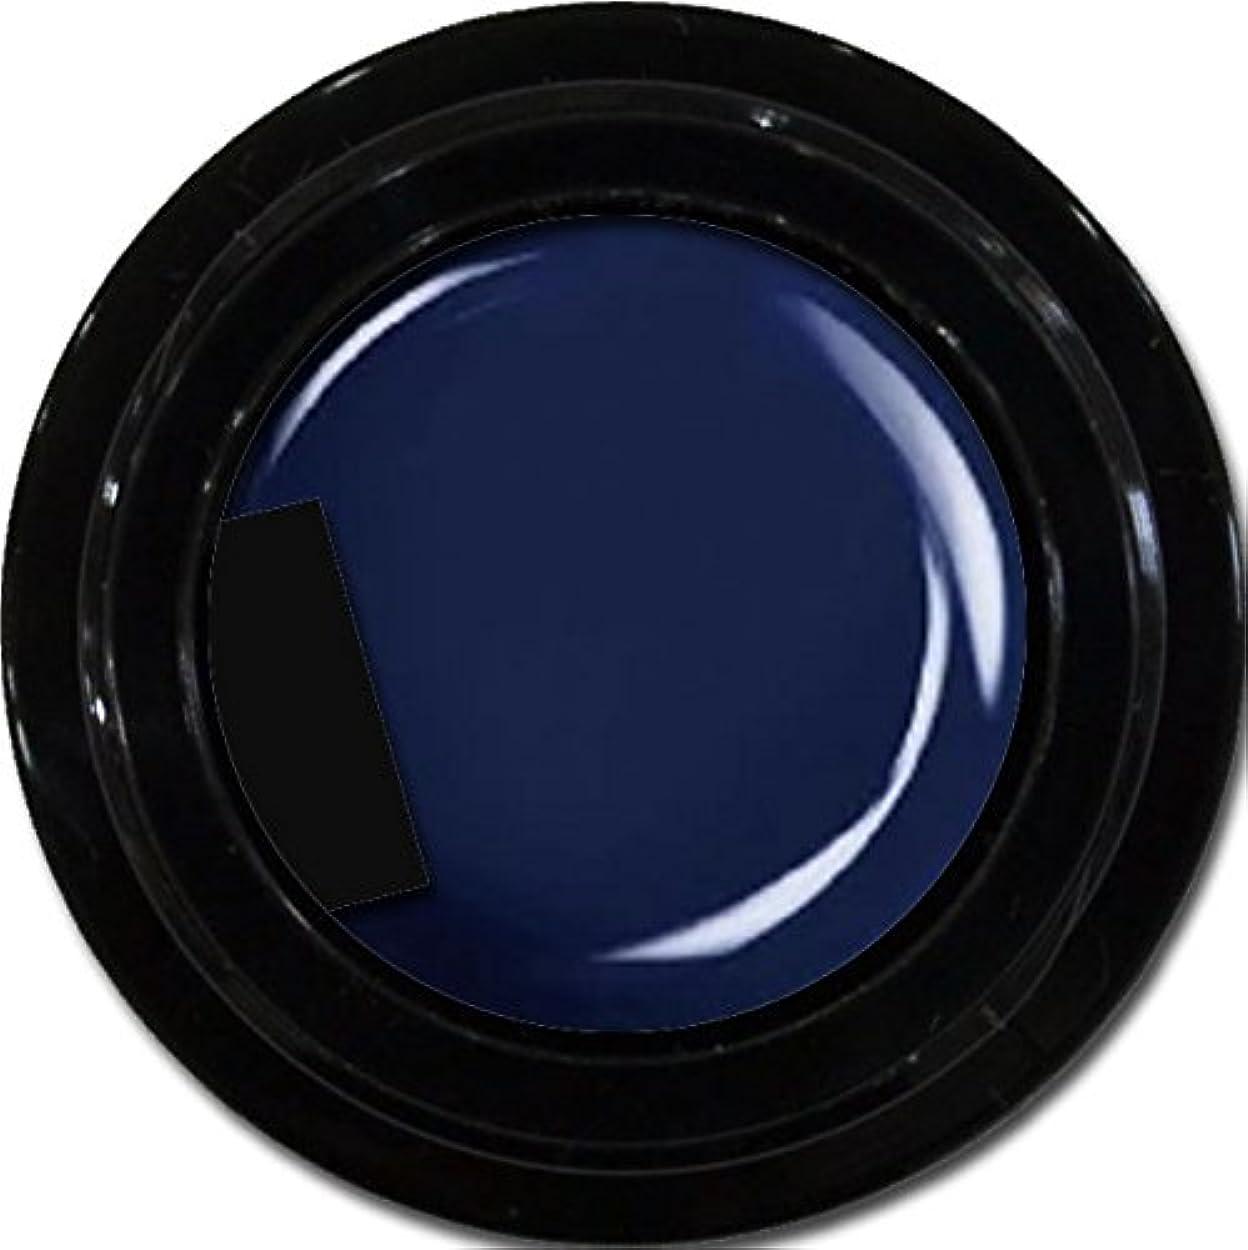 対話ファイル沼地カラージェル enchant color gel M709 Indigo Navy 3g/ マットカラージェル M709 インディゴネイビー 3グラム